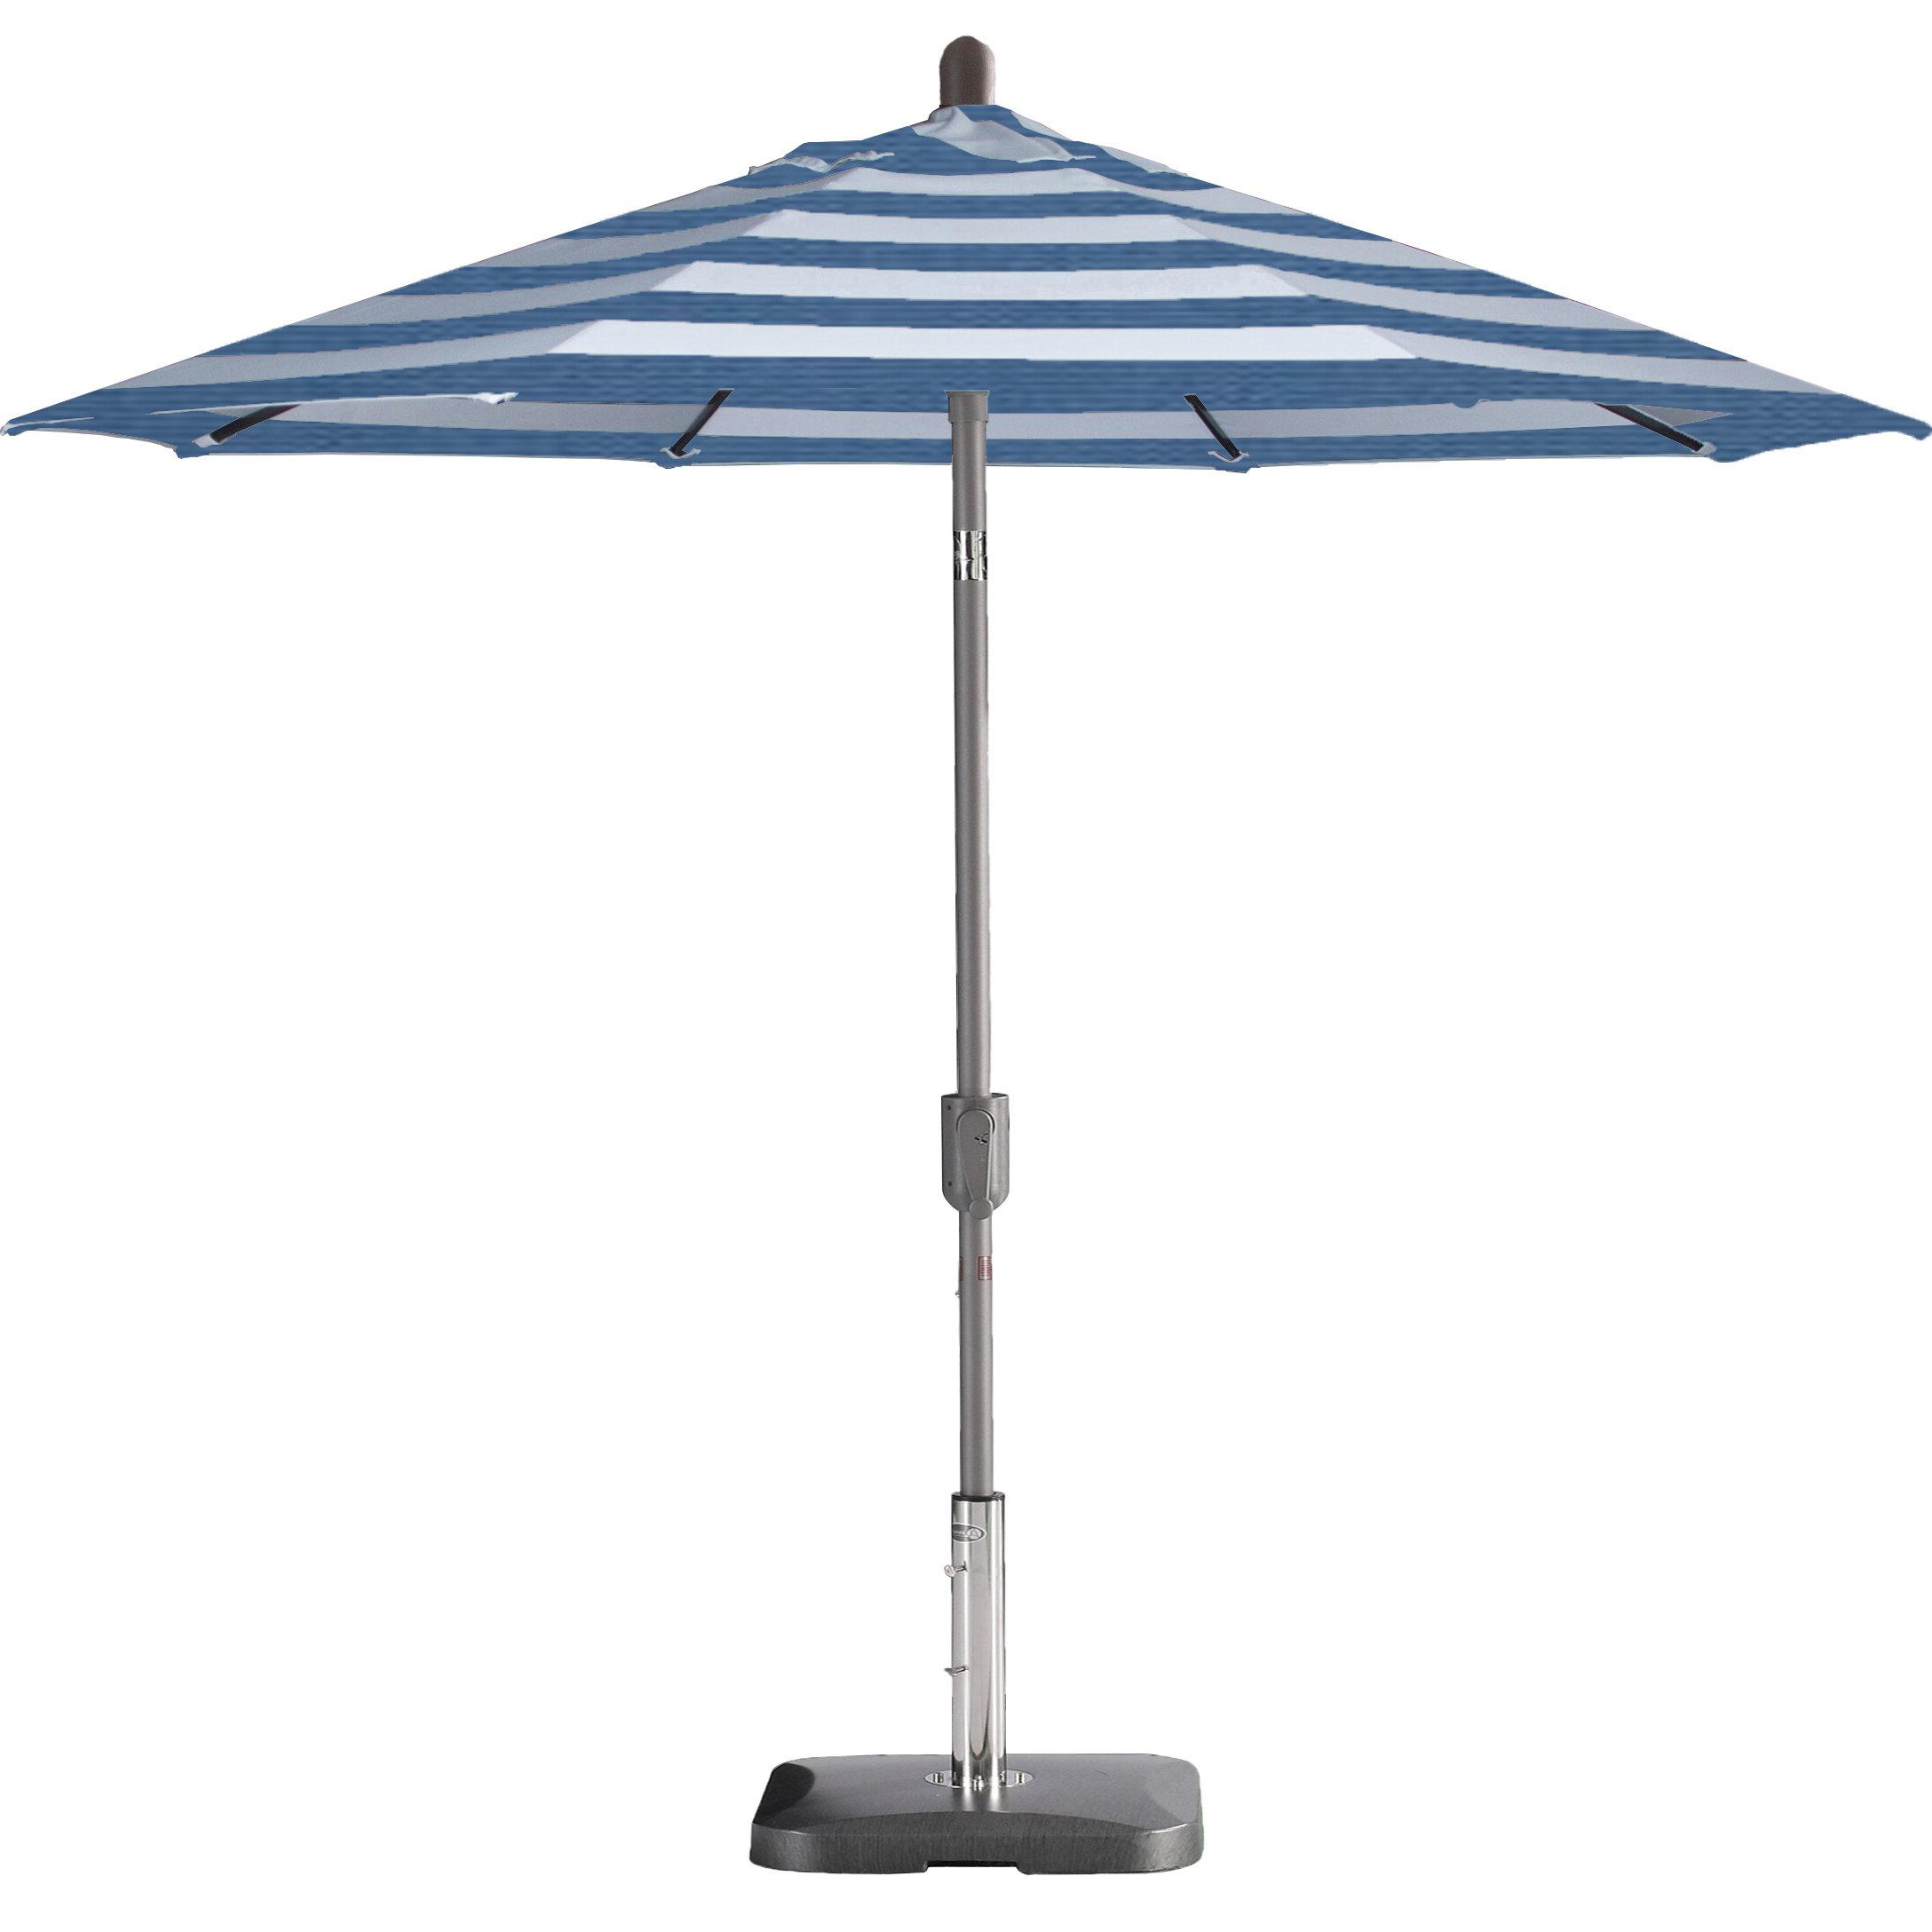 Wiechmann Push Tilt 9' Market Sunbrella Umbrella With Regard To Most Popular Wiebe Auto Tilt Square Market Sunbrella Umbrellas (View 4 of 20)